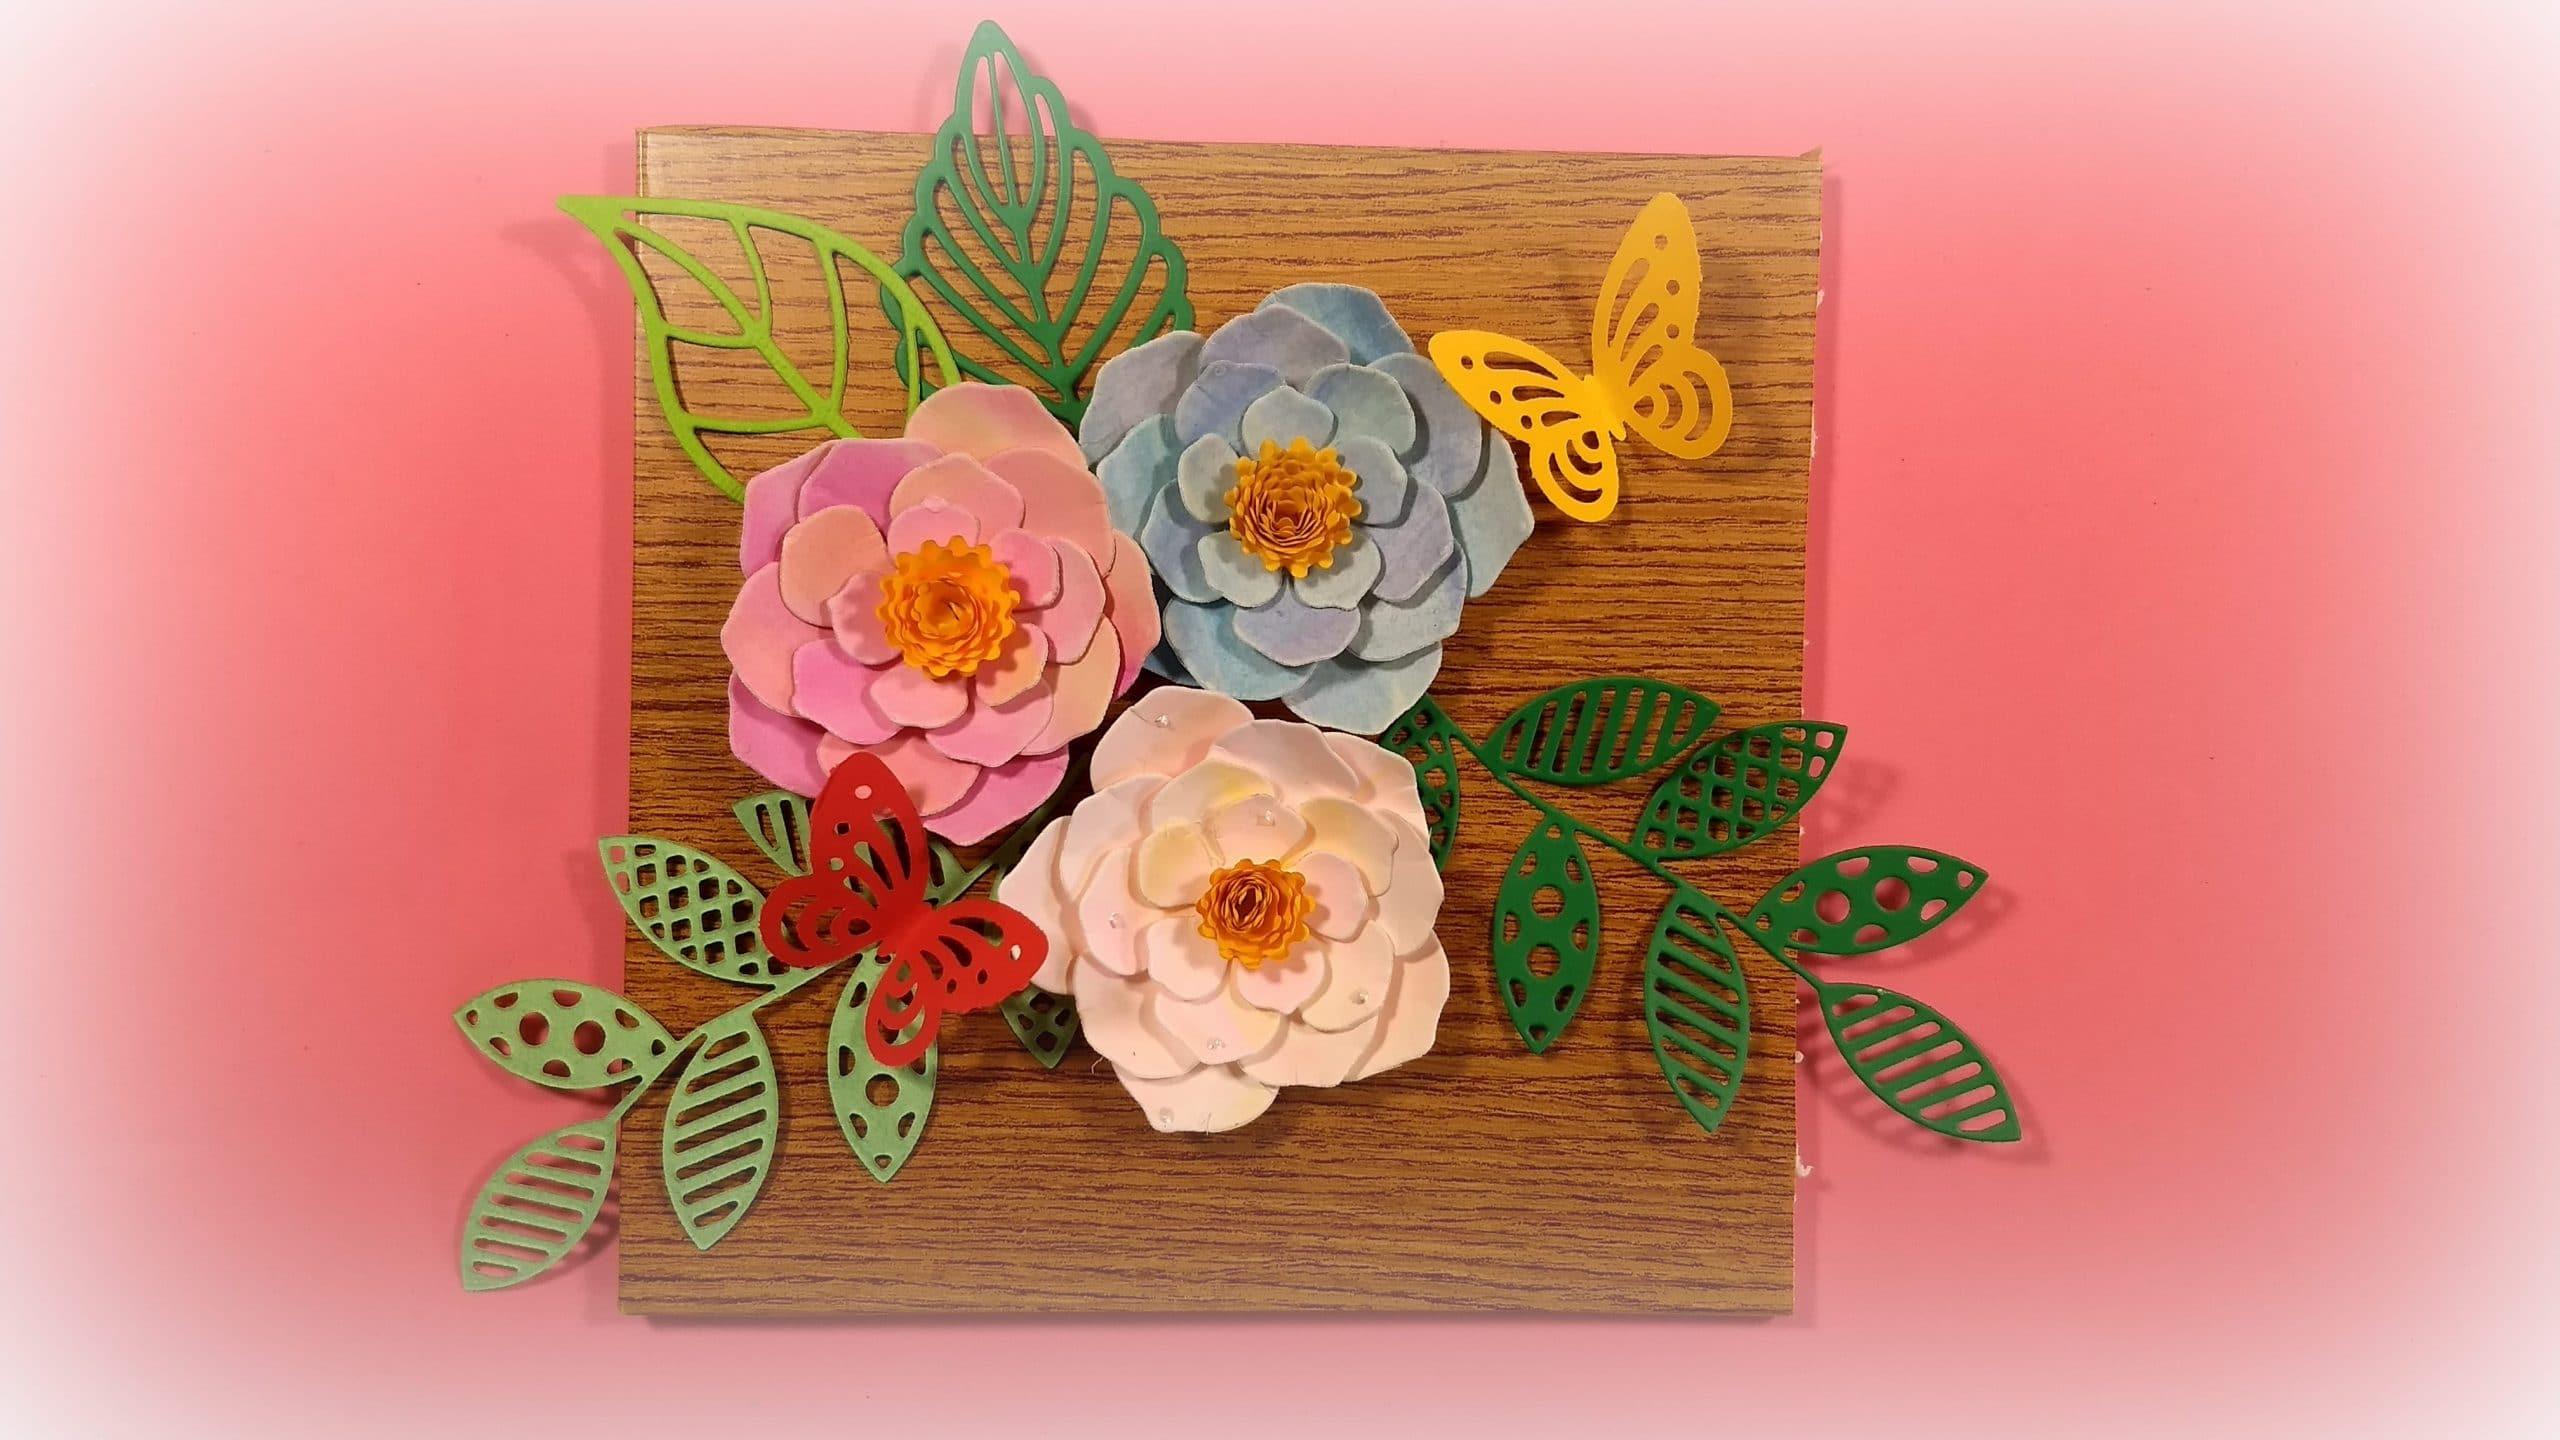 Cmo hacer un cuadro de flores de papel para decorar tu habitacin